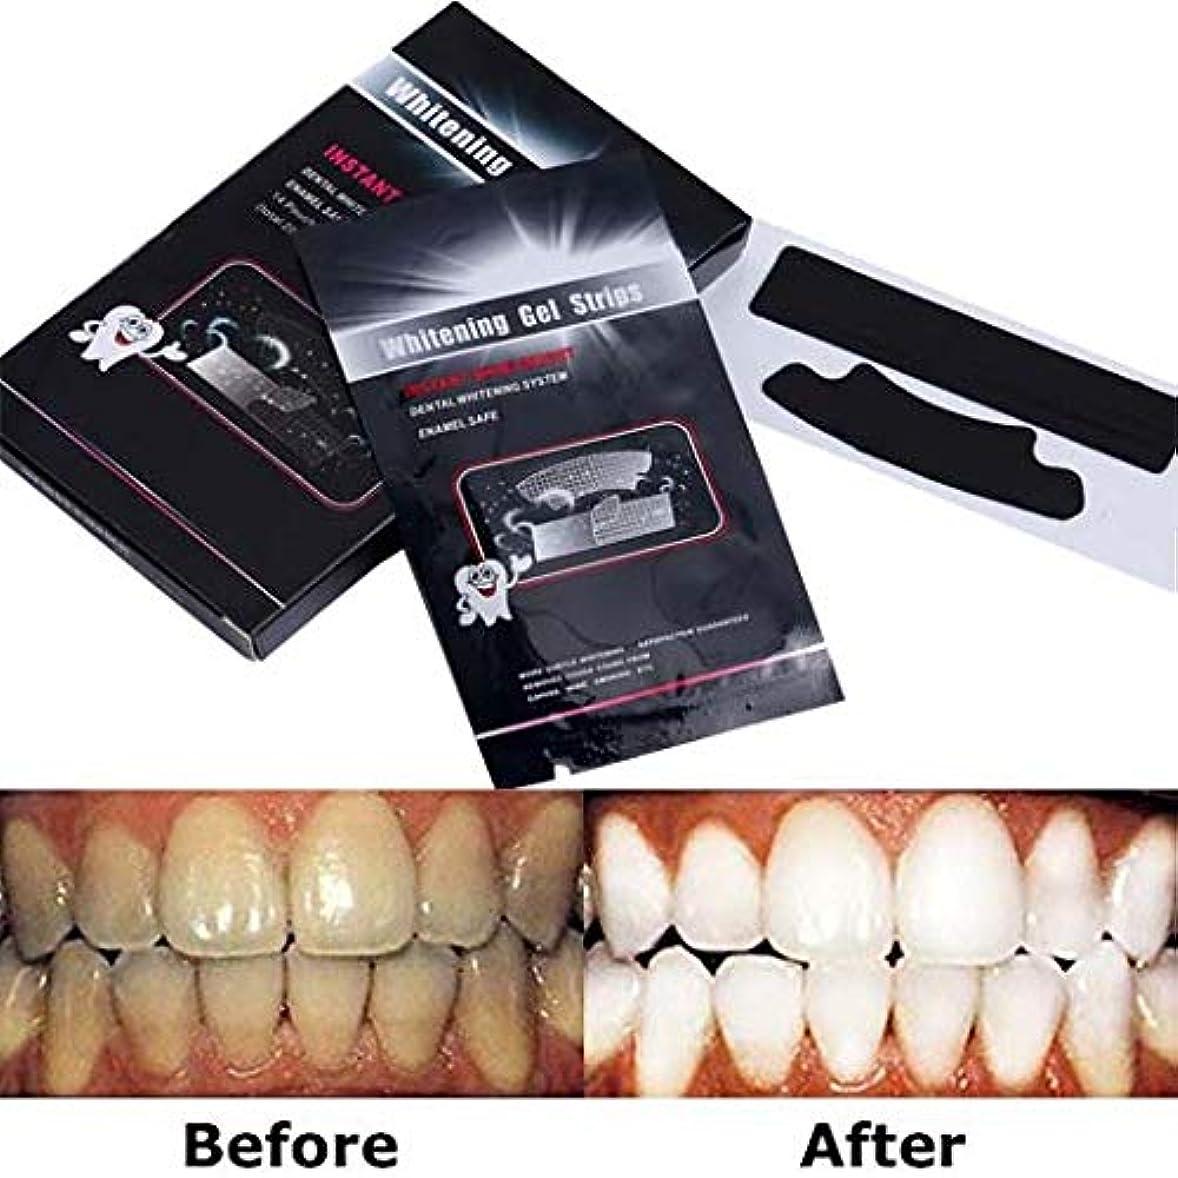 少数コード放出活性竹炭歯を白くする、歯を白くするストリップ、ストリップをホワイトニングするプロの歯 - ホワイトパックであなたの歯を白くする28-パック - 歯からコーヒー、紅茶、およびタバコの汚れを取り除きます。 結果を得るー14パック28枚 ドライ ホワイトニング